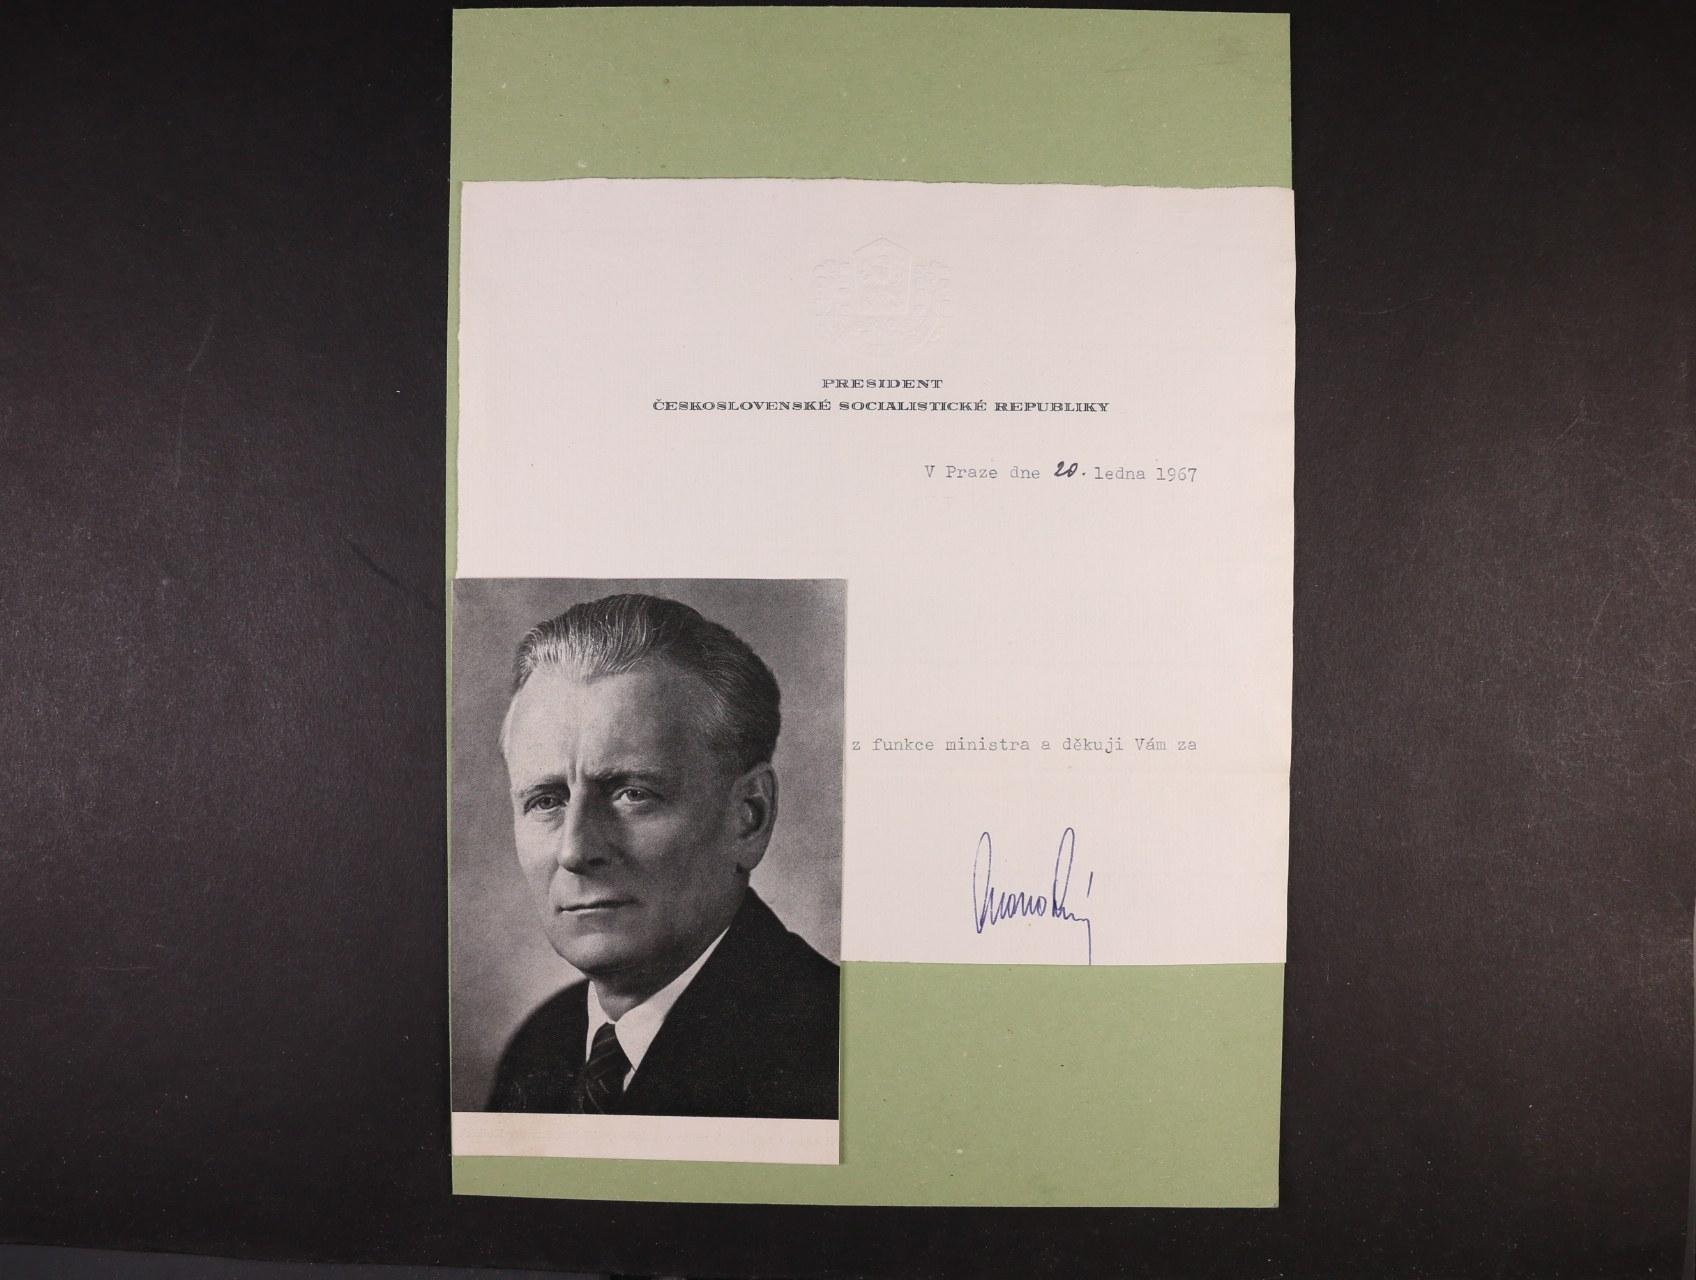 Novotný Antonín 1904 - 1975, prezident ČSR v letech 1959 - 68 - oficielní hlavičkový papír s vlastnoručním podpisem a datací 20.ledna 1967